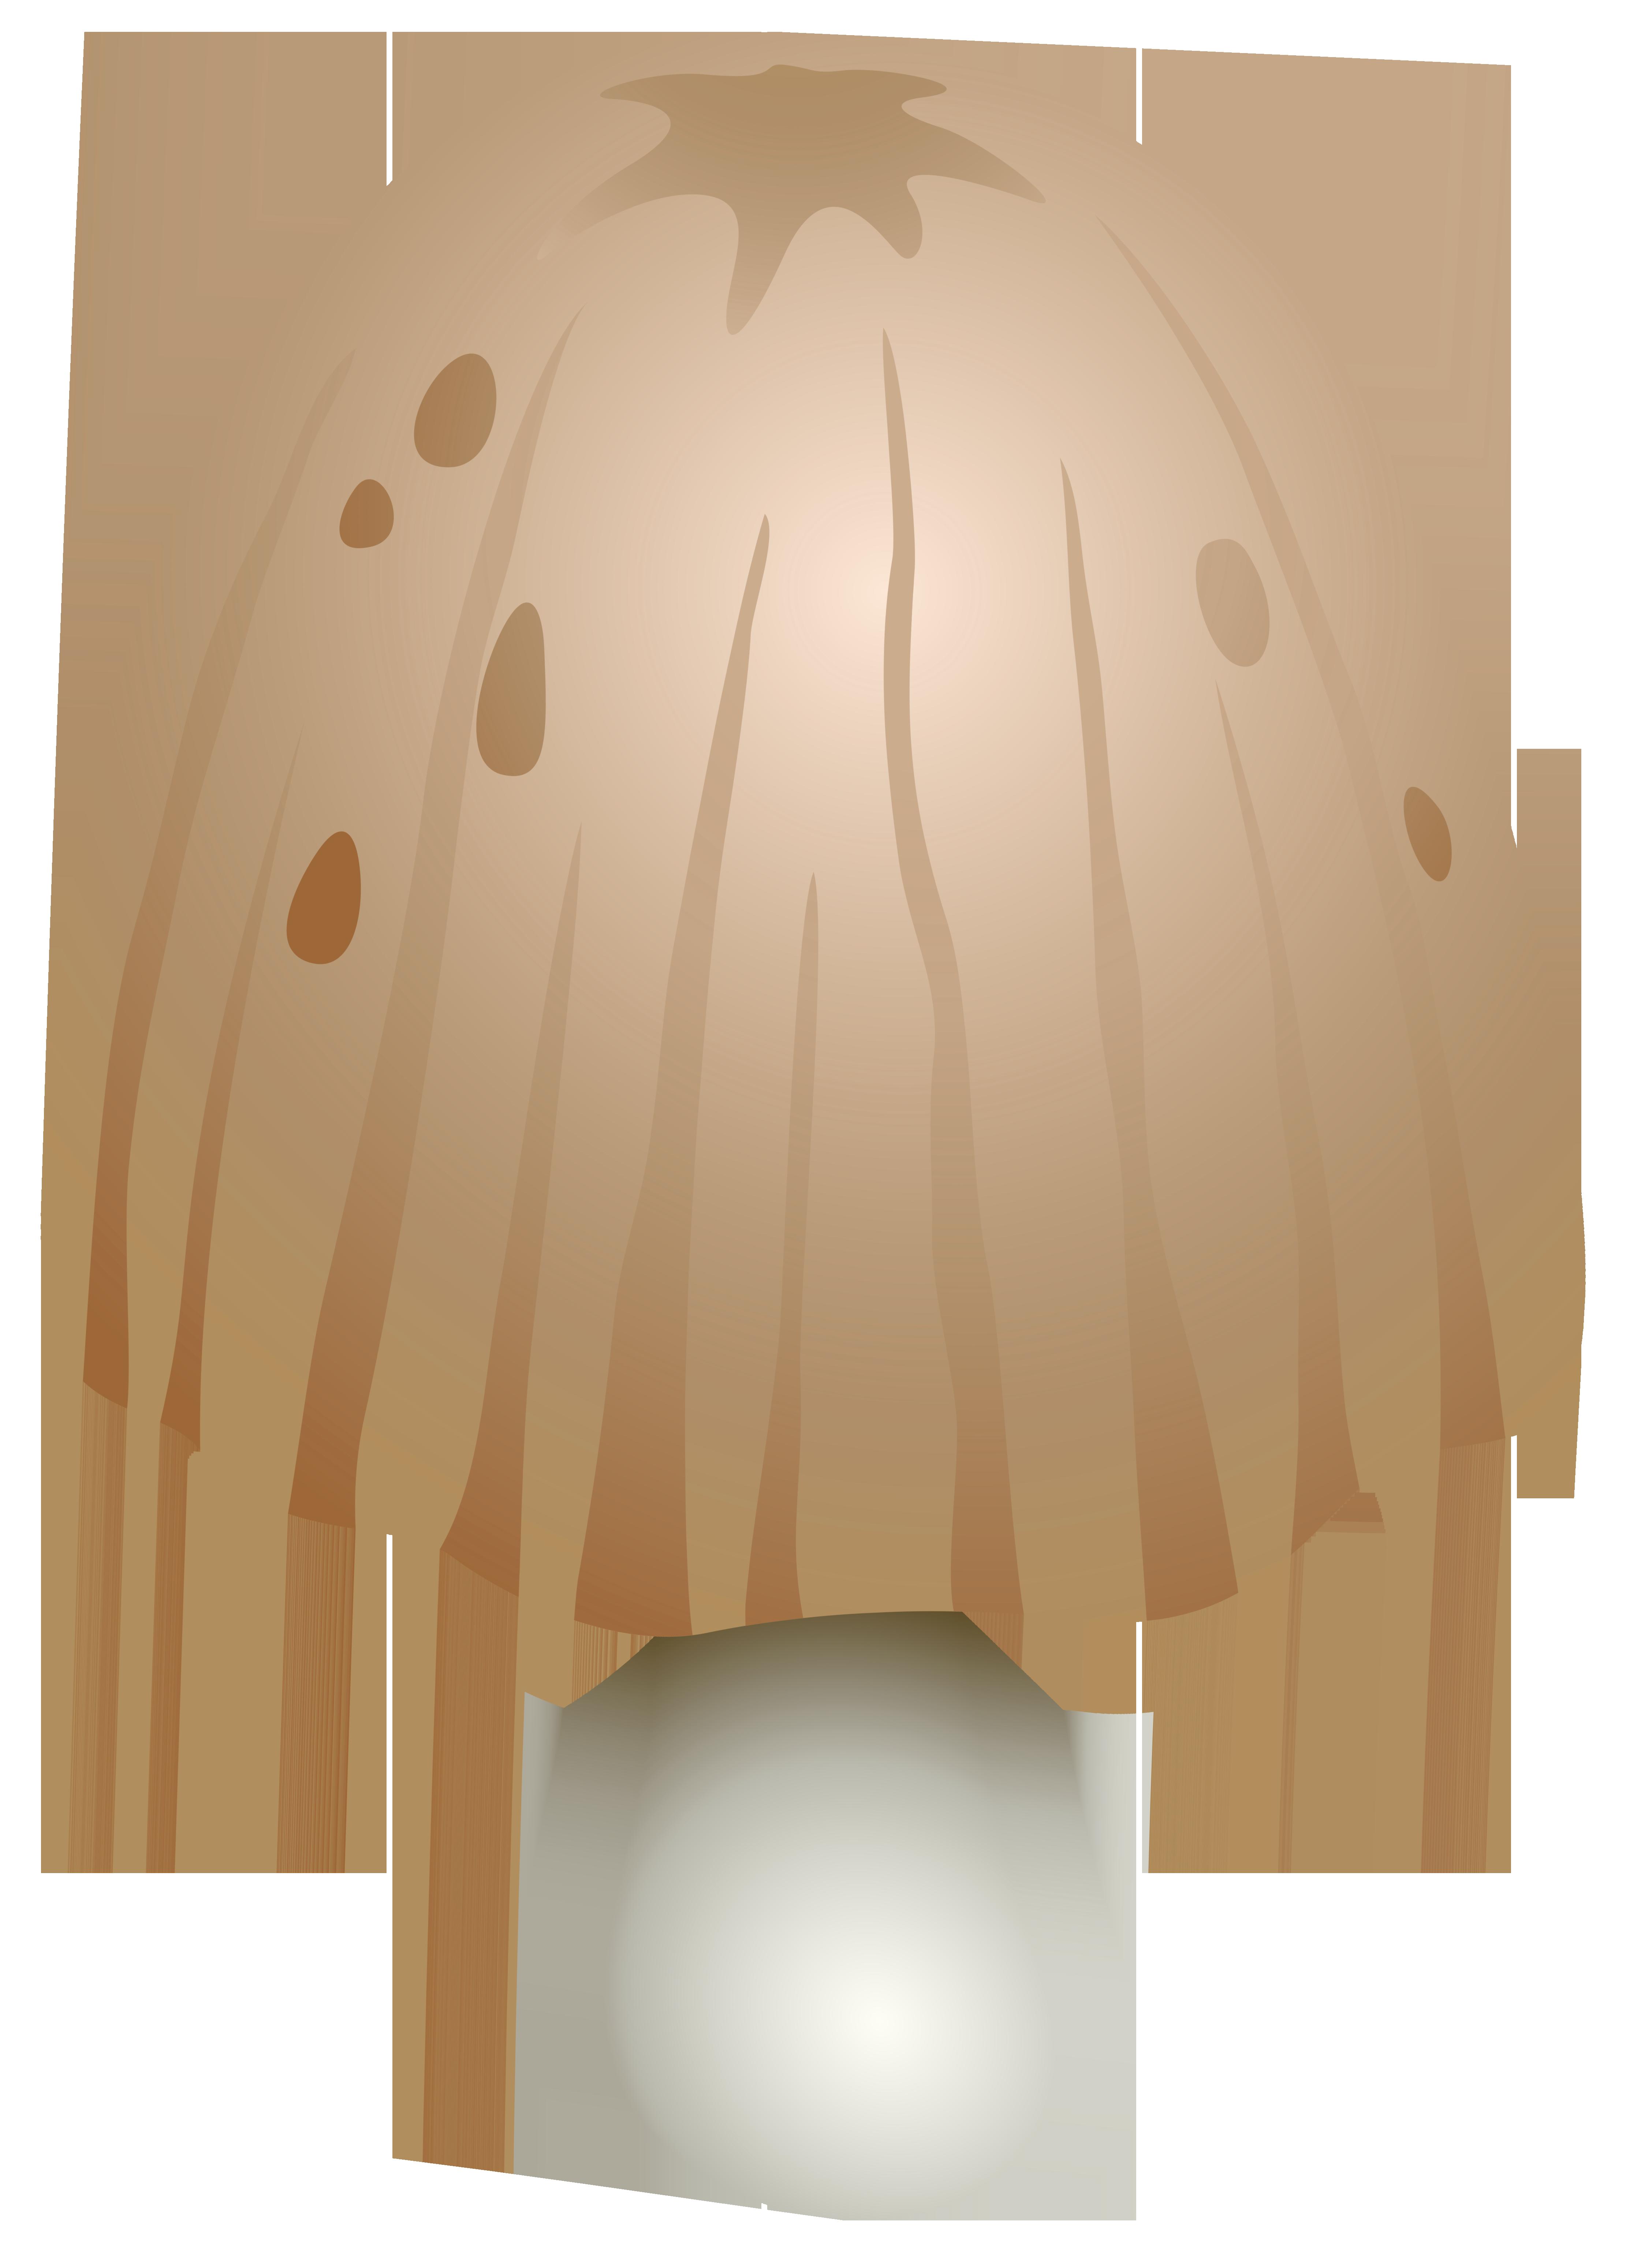 Coprinus Comatus Mushroom PNG Clipart.